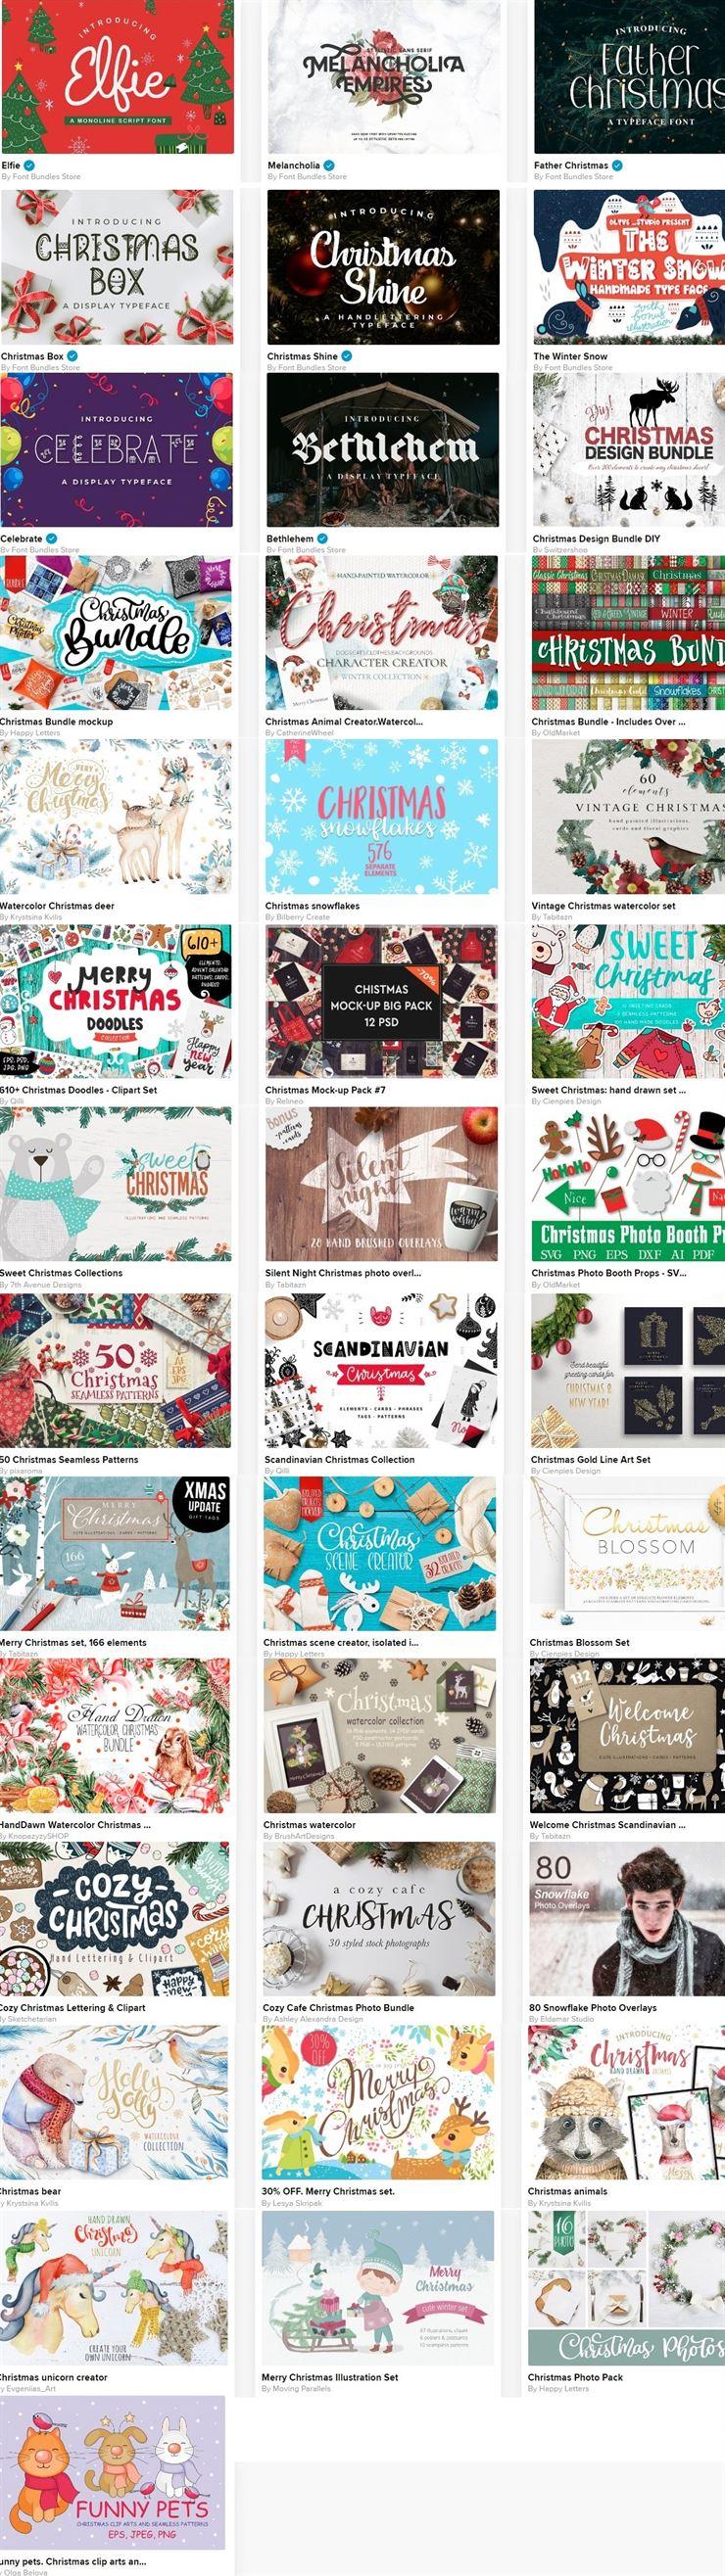 The Christmas Design Bundle Volume III Web3Canvas